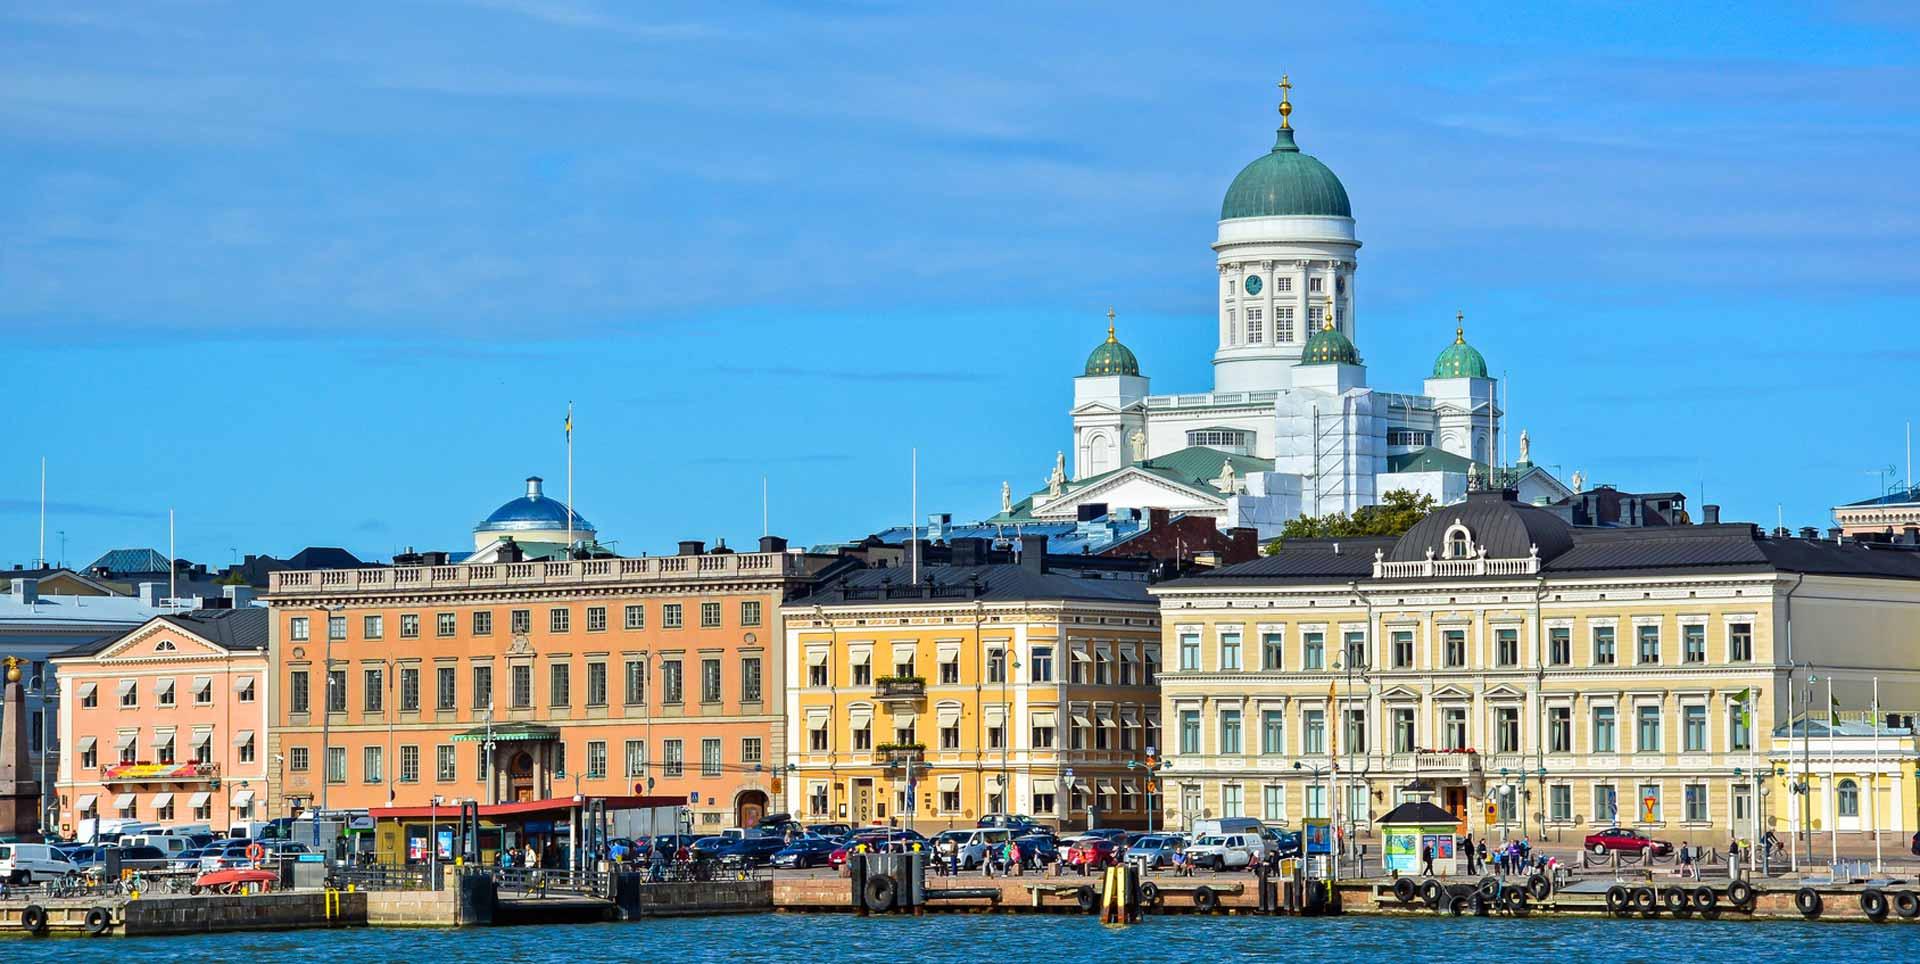 Тур на двоих в Финляндию. Неделя с 21 октября за 37 782 р.